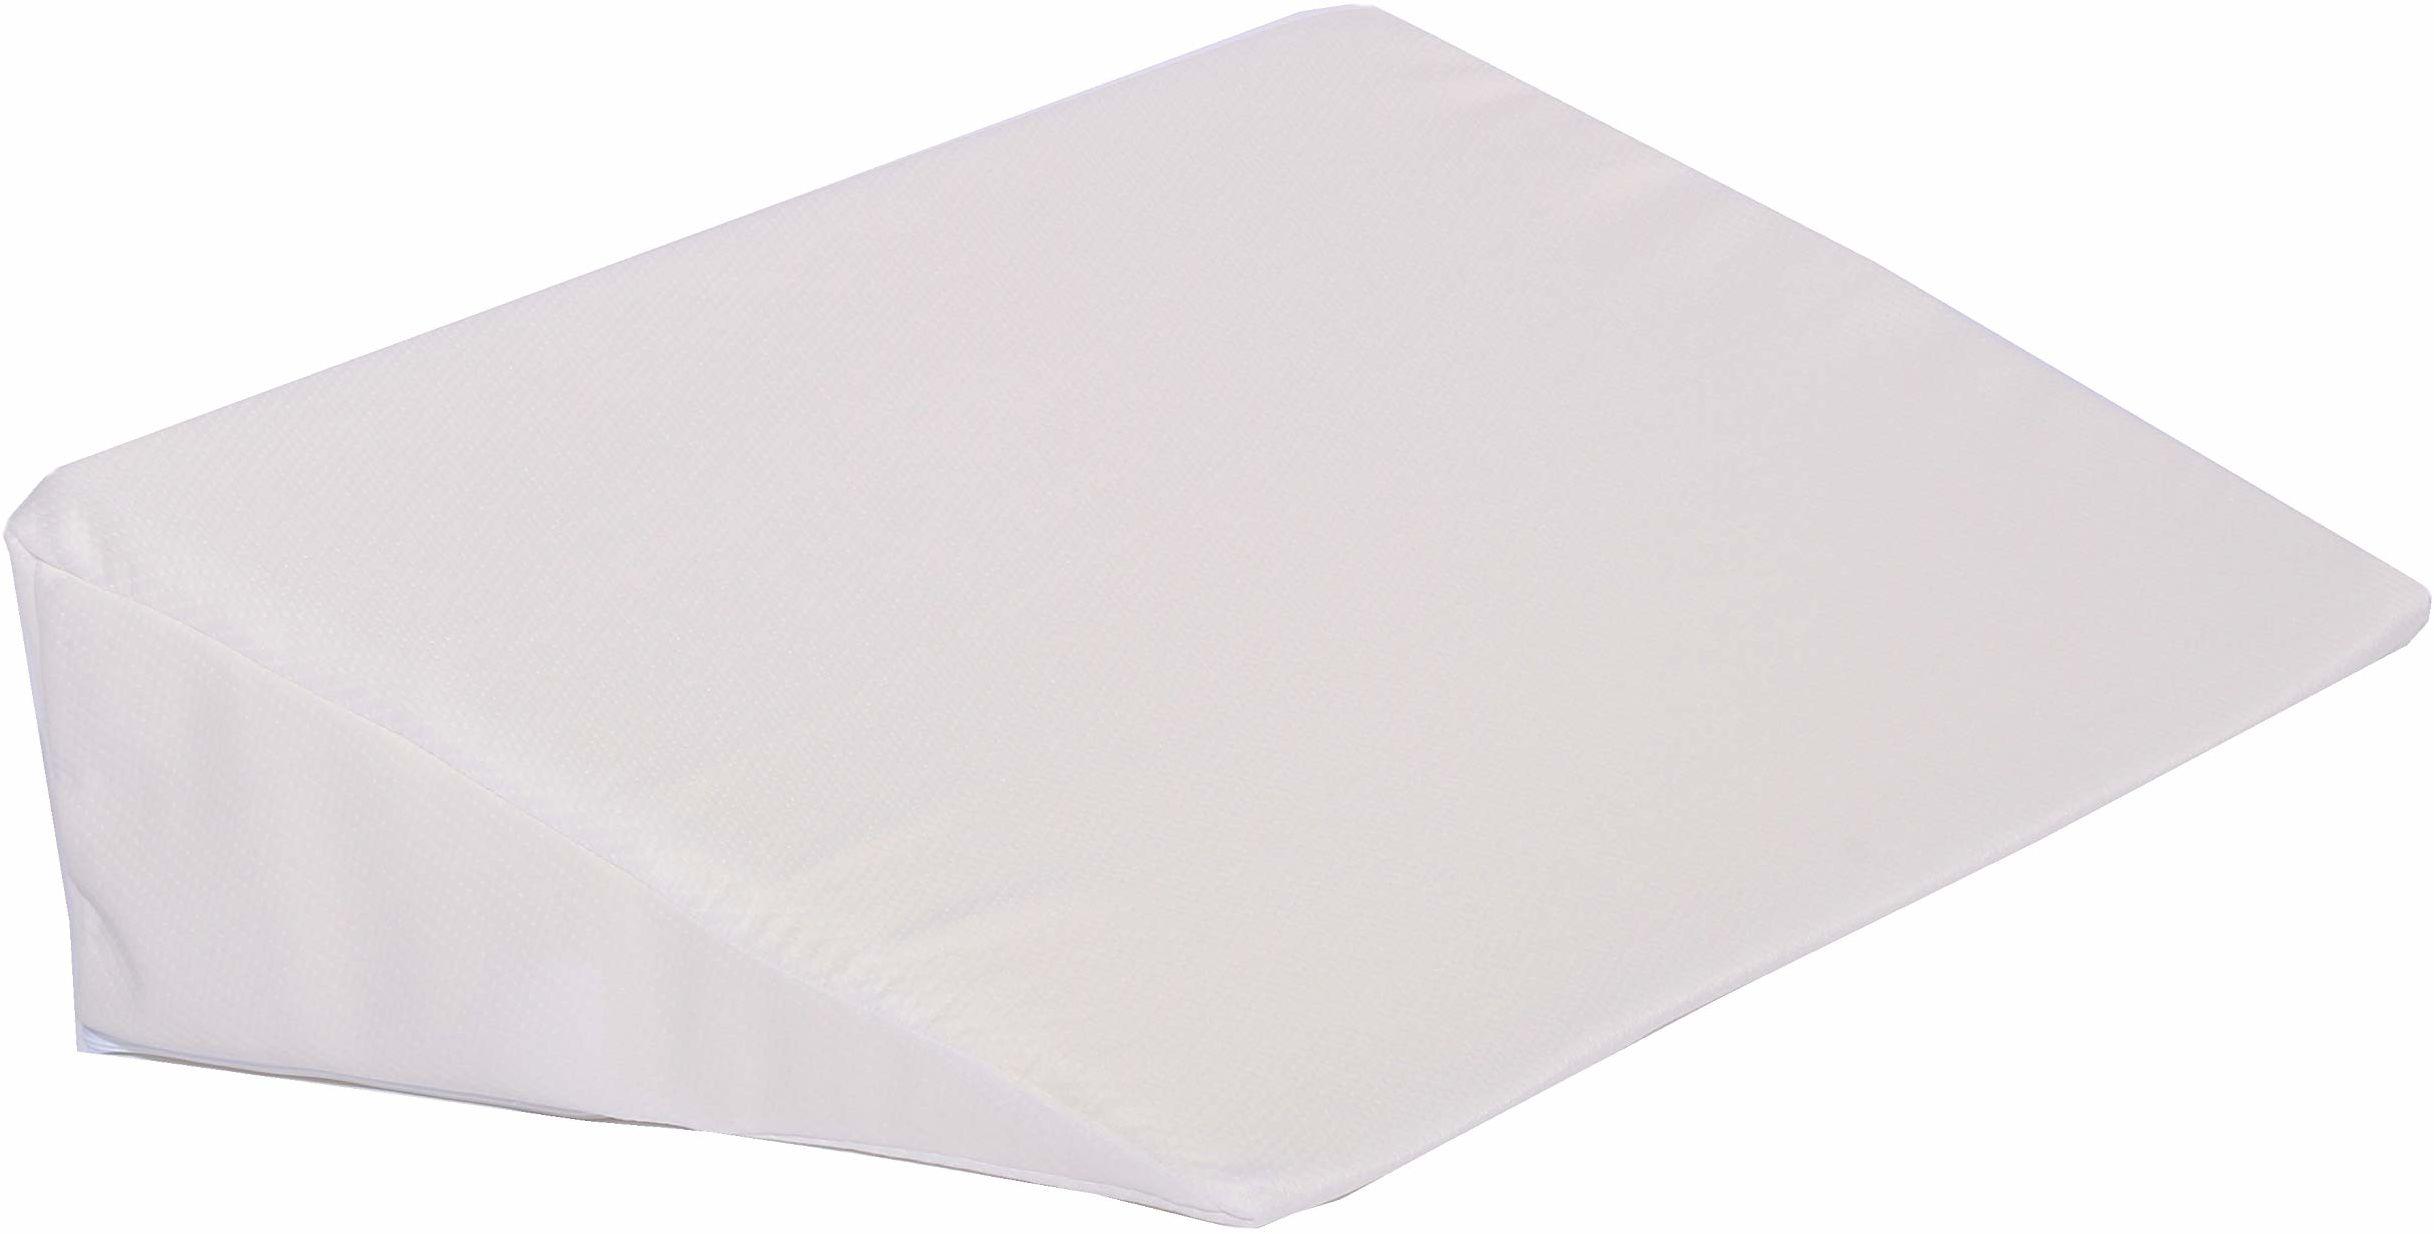 Klin do materaca z poszewką z podwójnego materiału 80 x 50 x 20/1 cm, rozmiar 80 x 50 x 20/1 cm